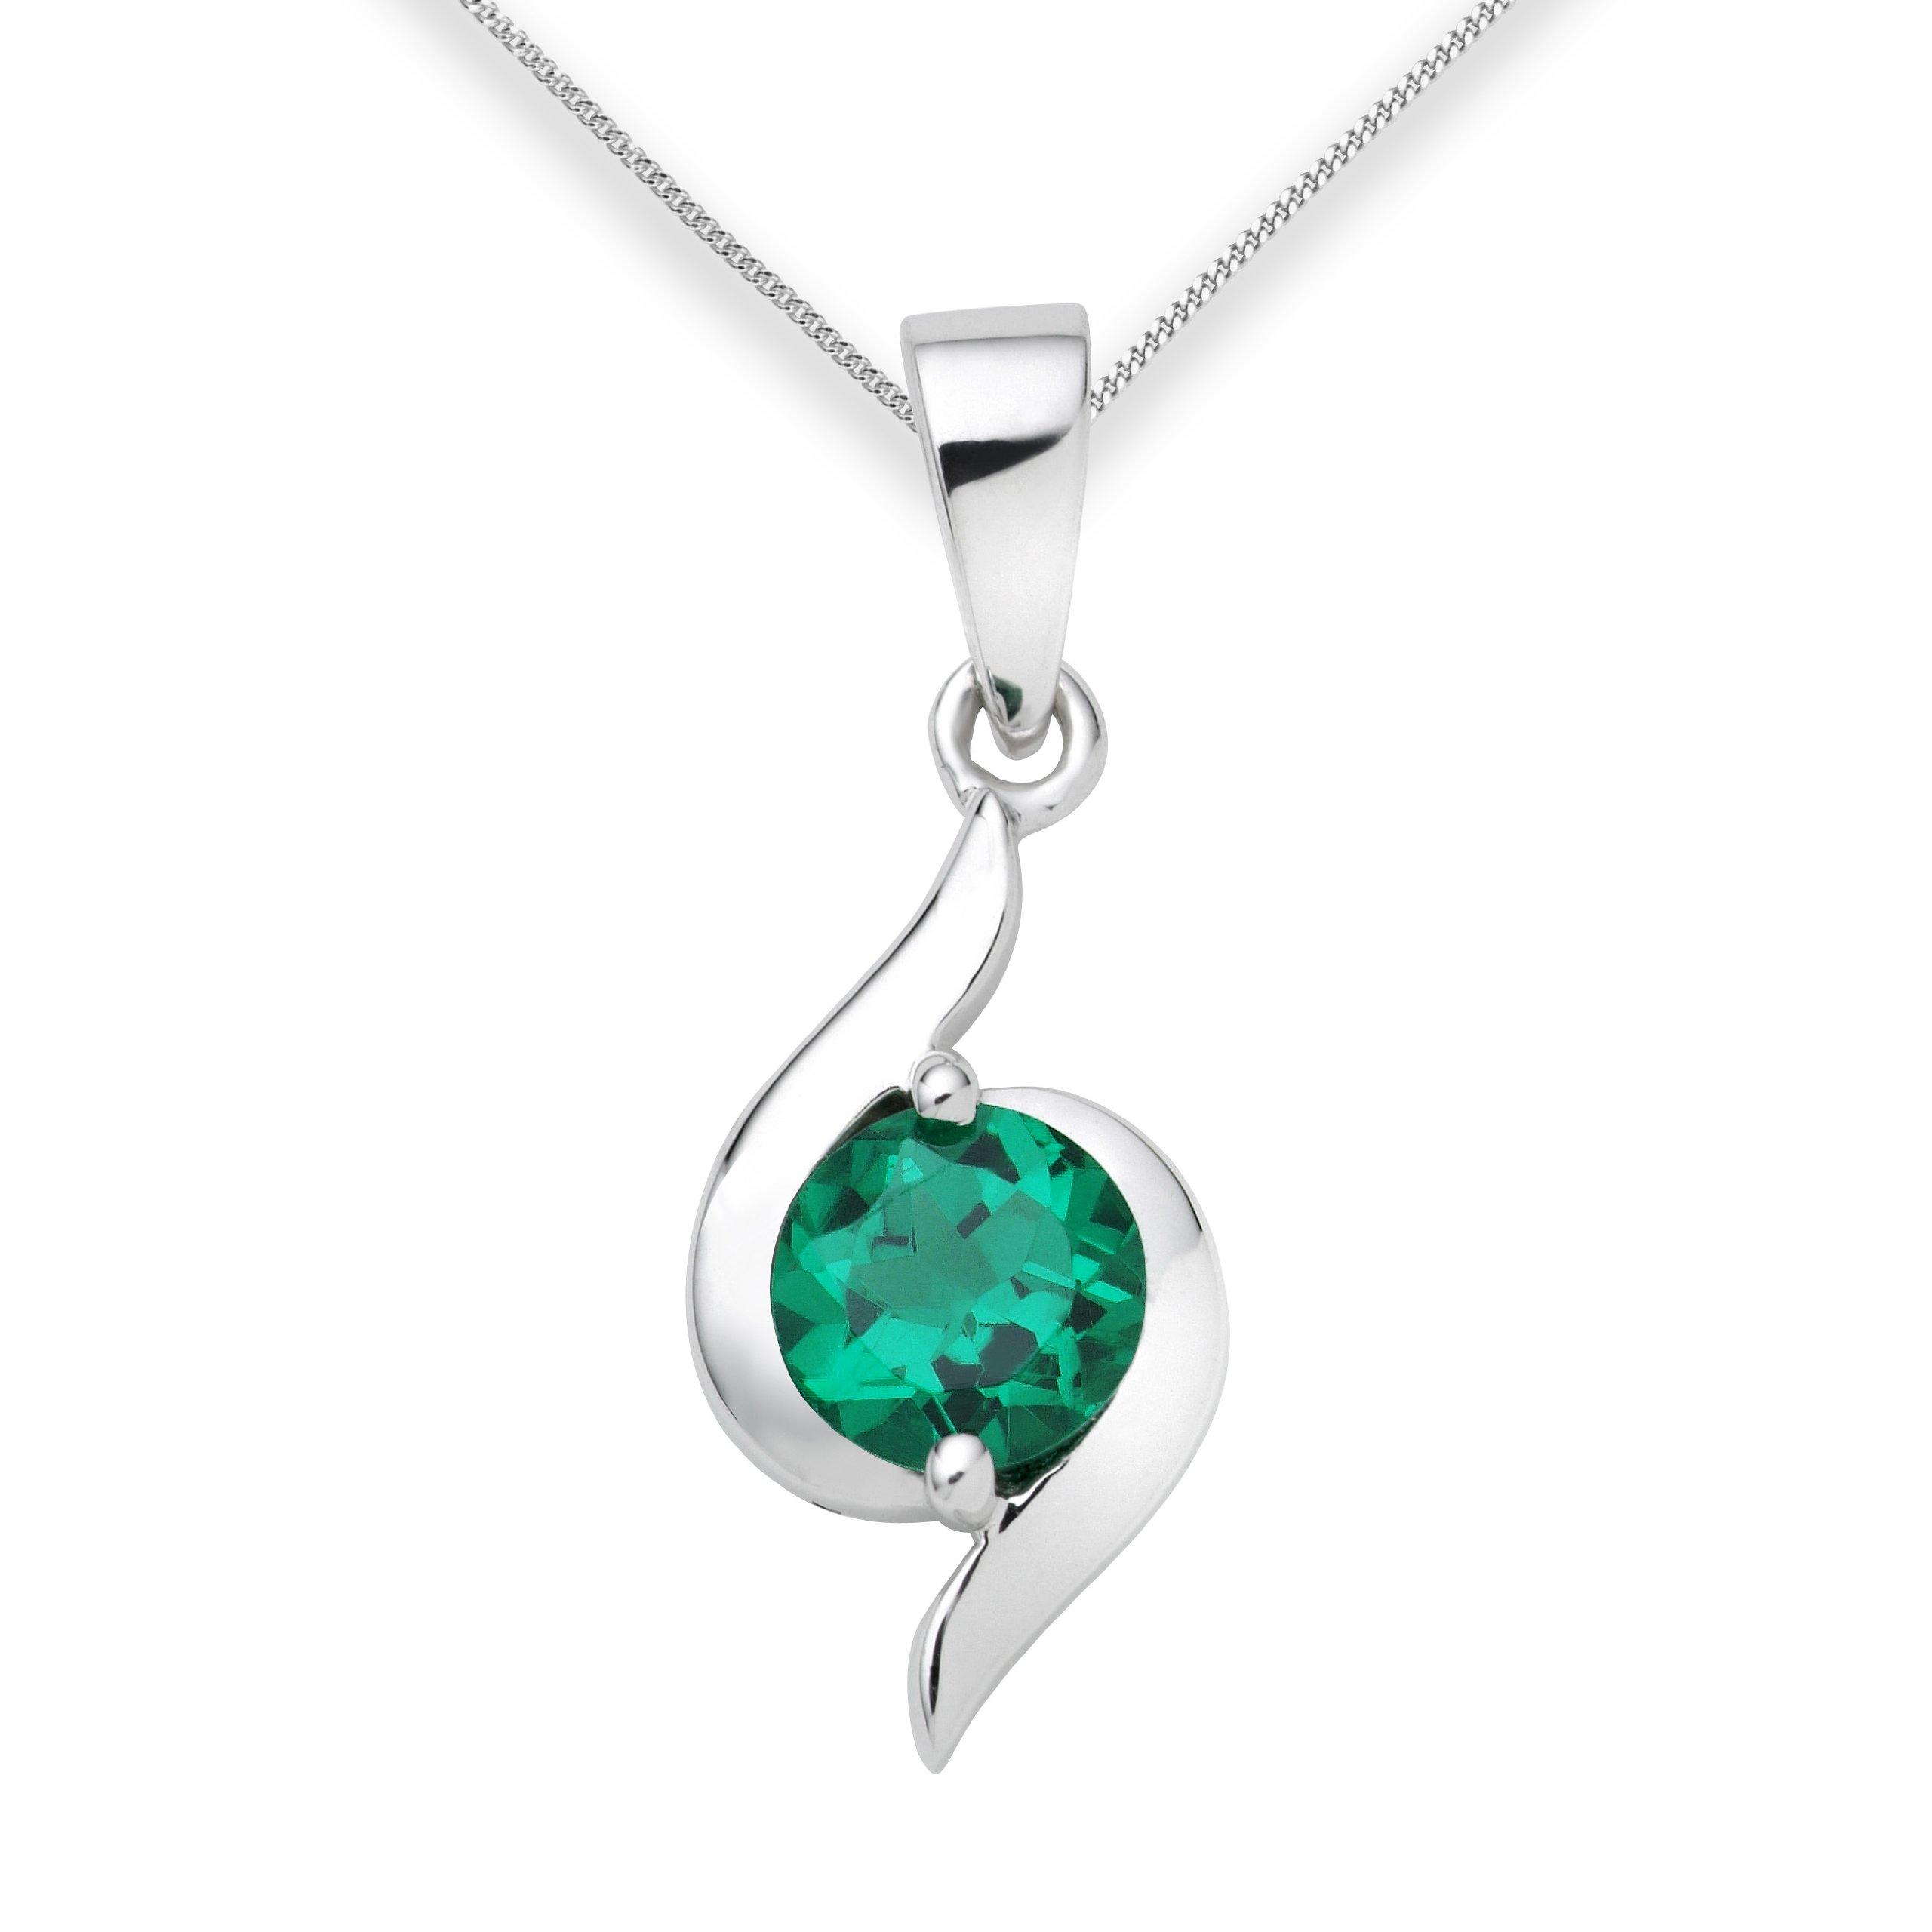 miore emerald necklace 9ct white gold created emerald